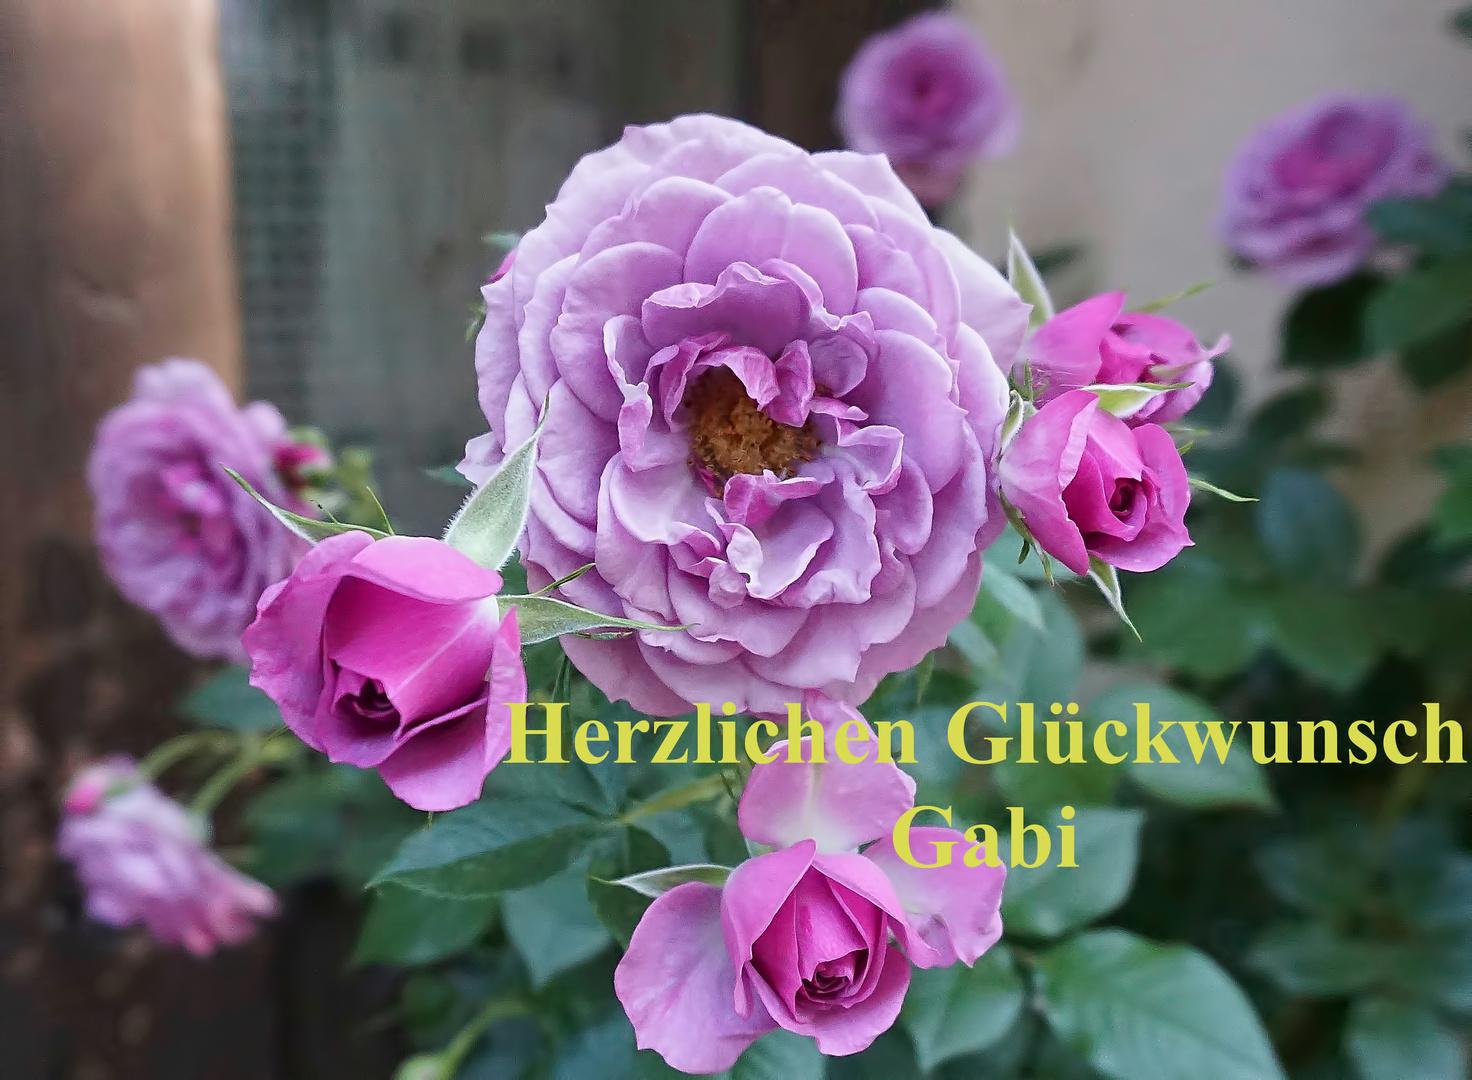 Herzlichen Glückwunsch Gabi 04